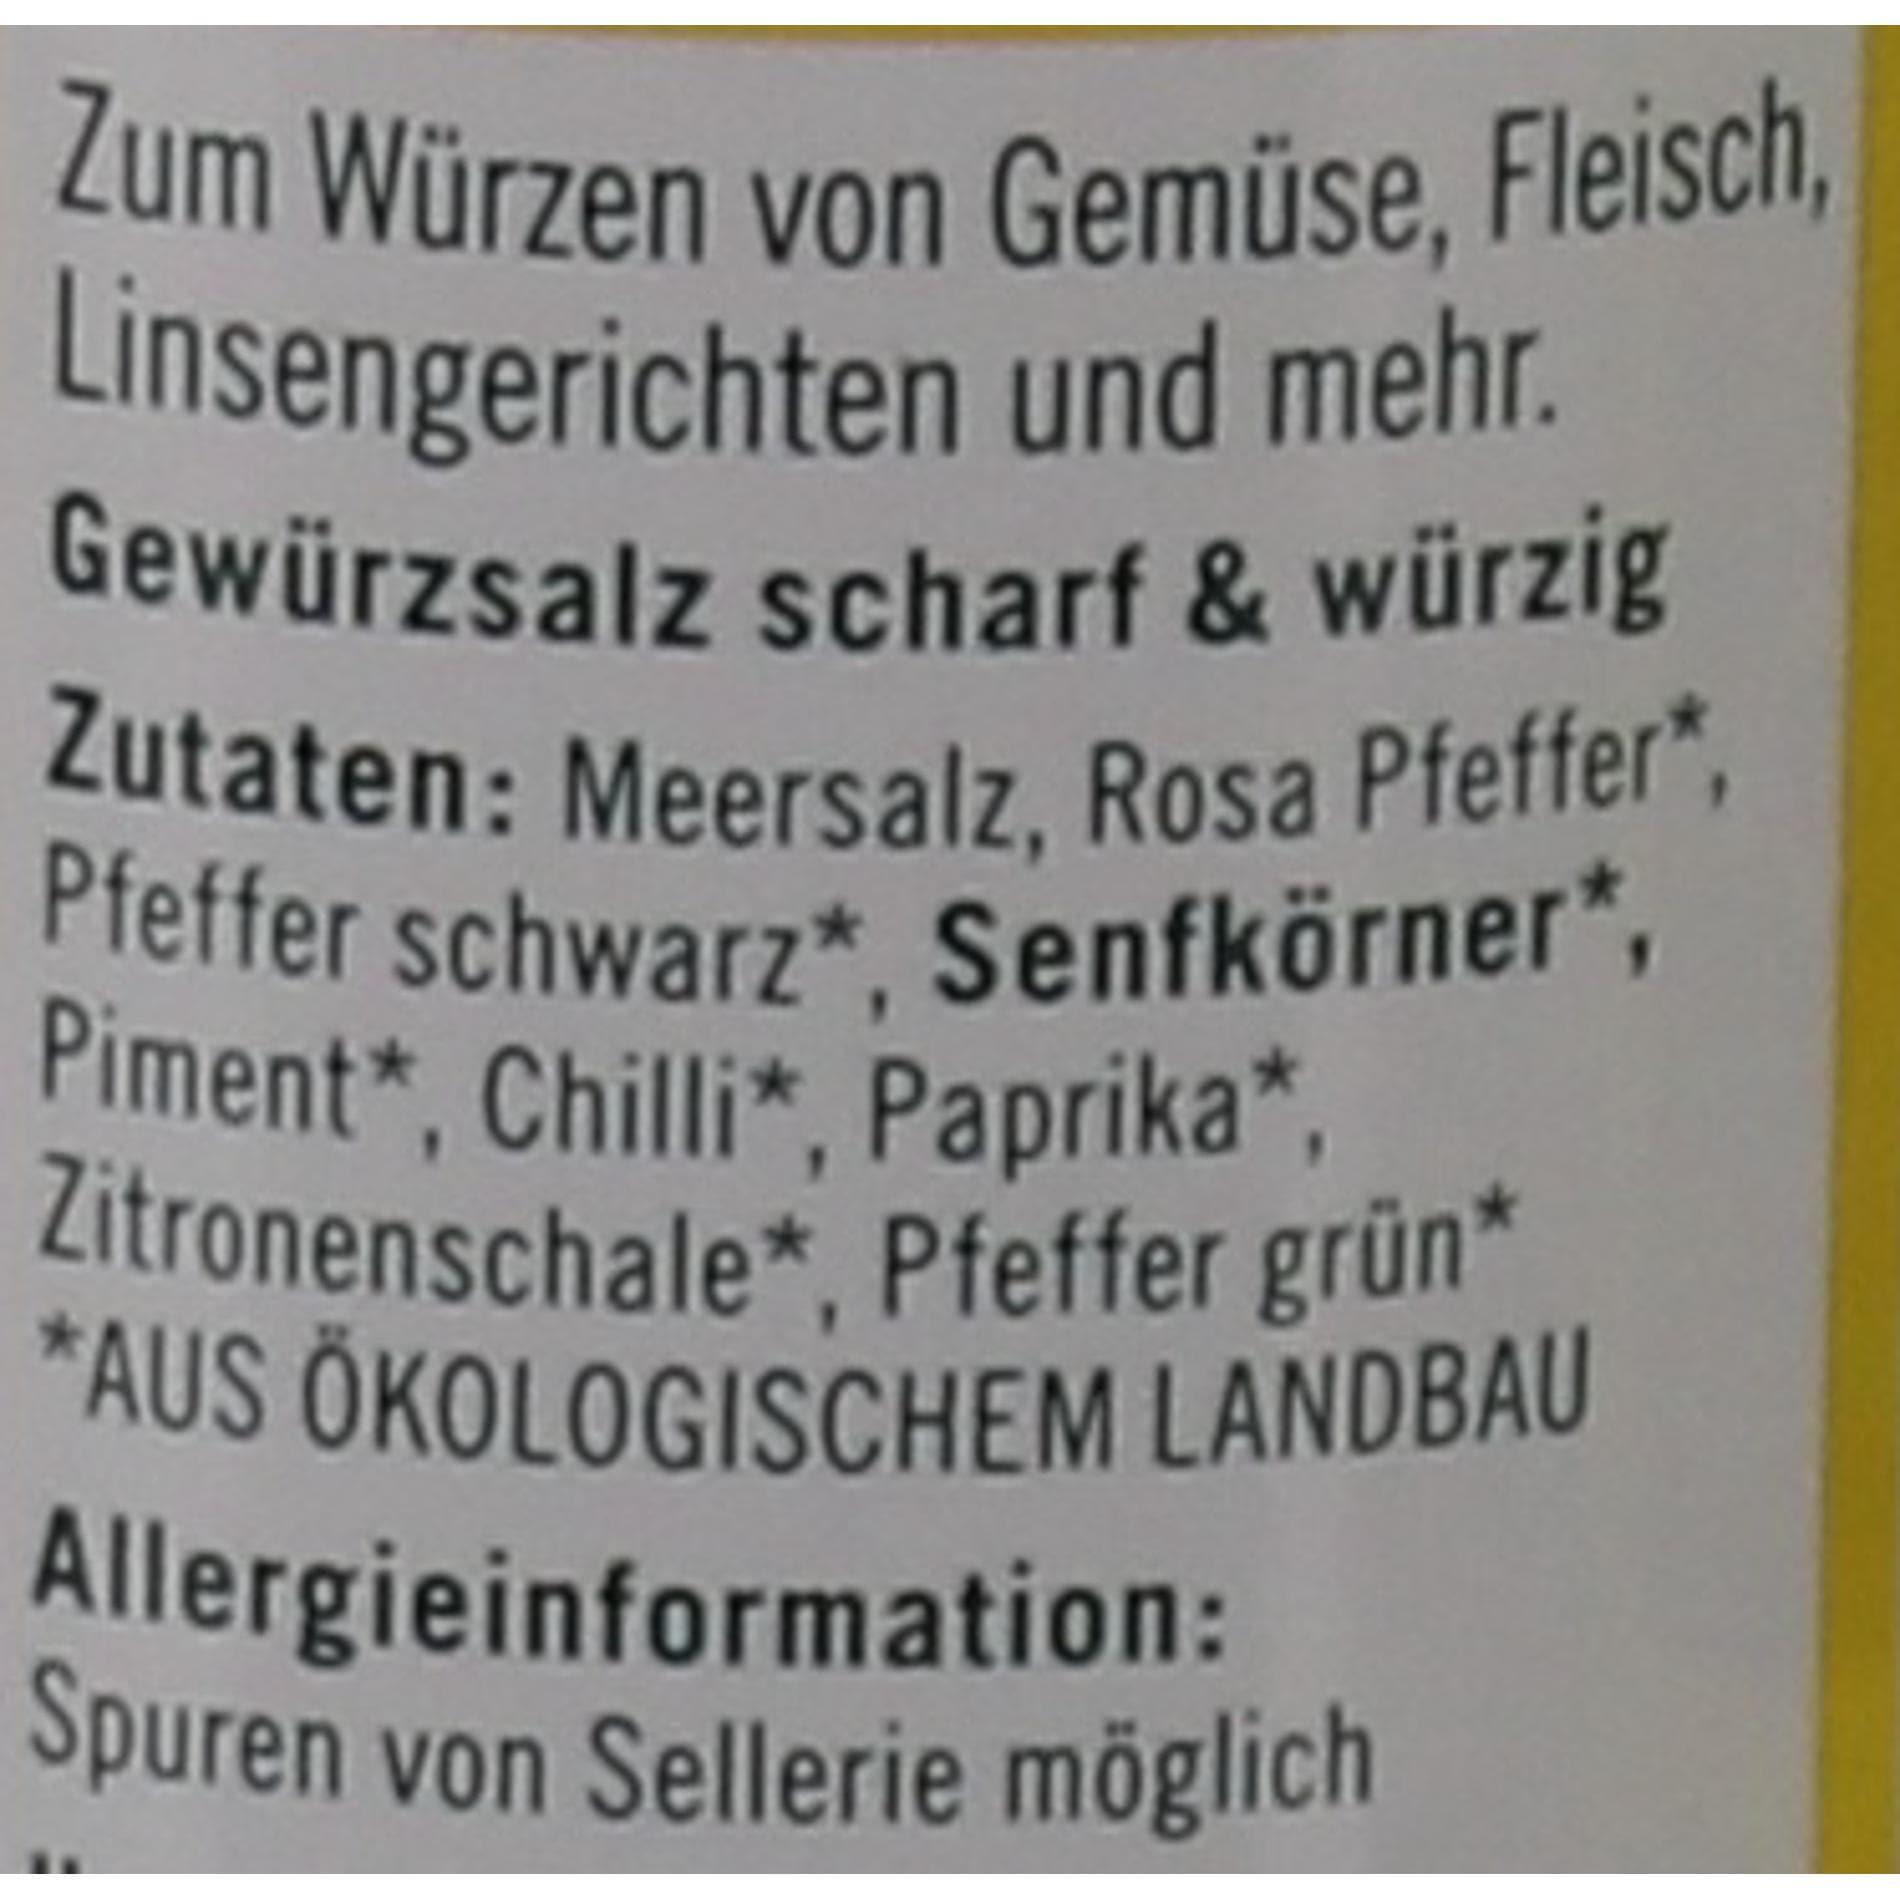 Lebensbaum Bio Gewürzsalz scharf & würzig 55g